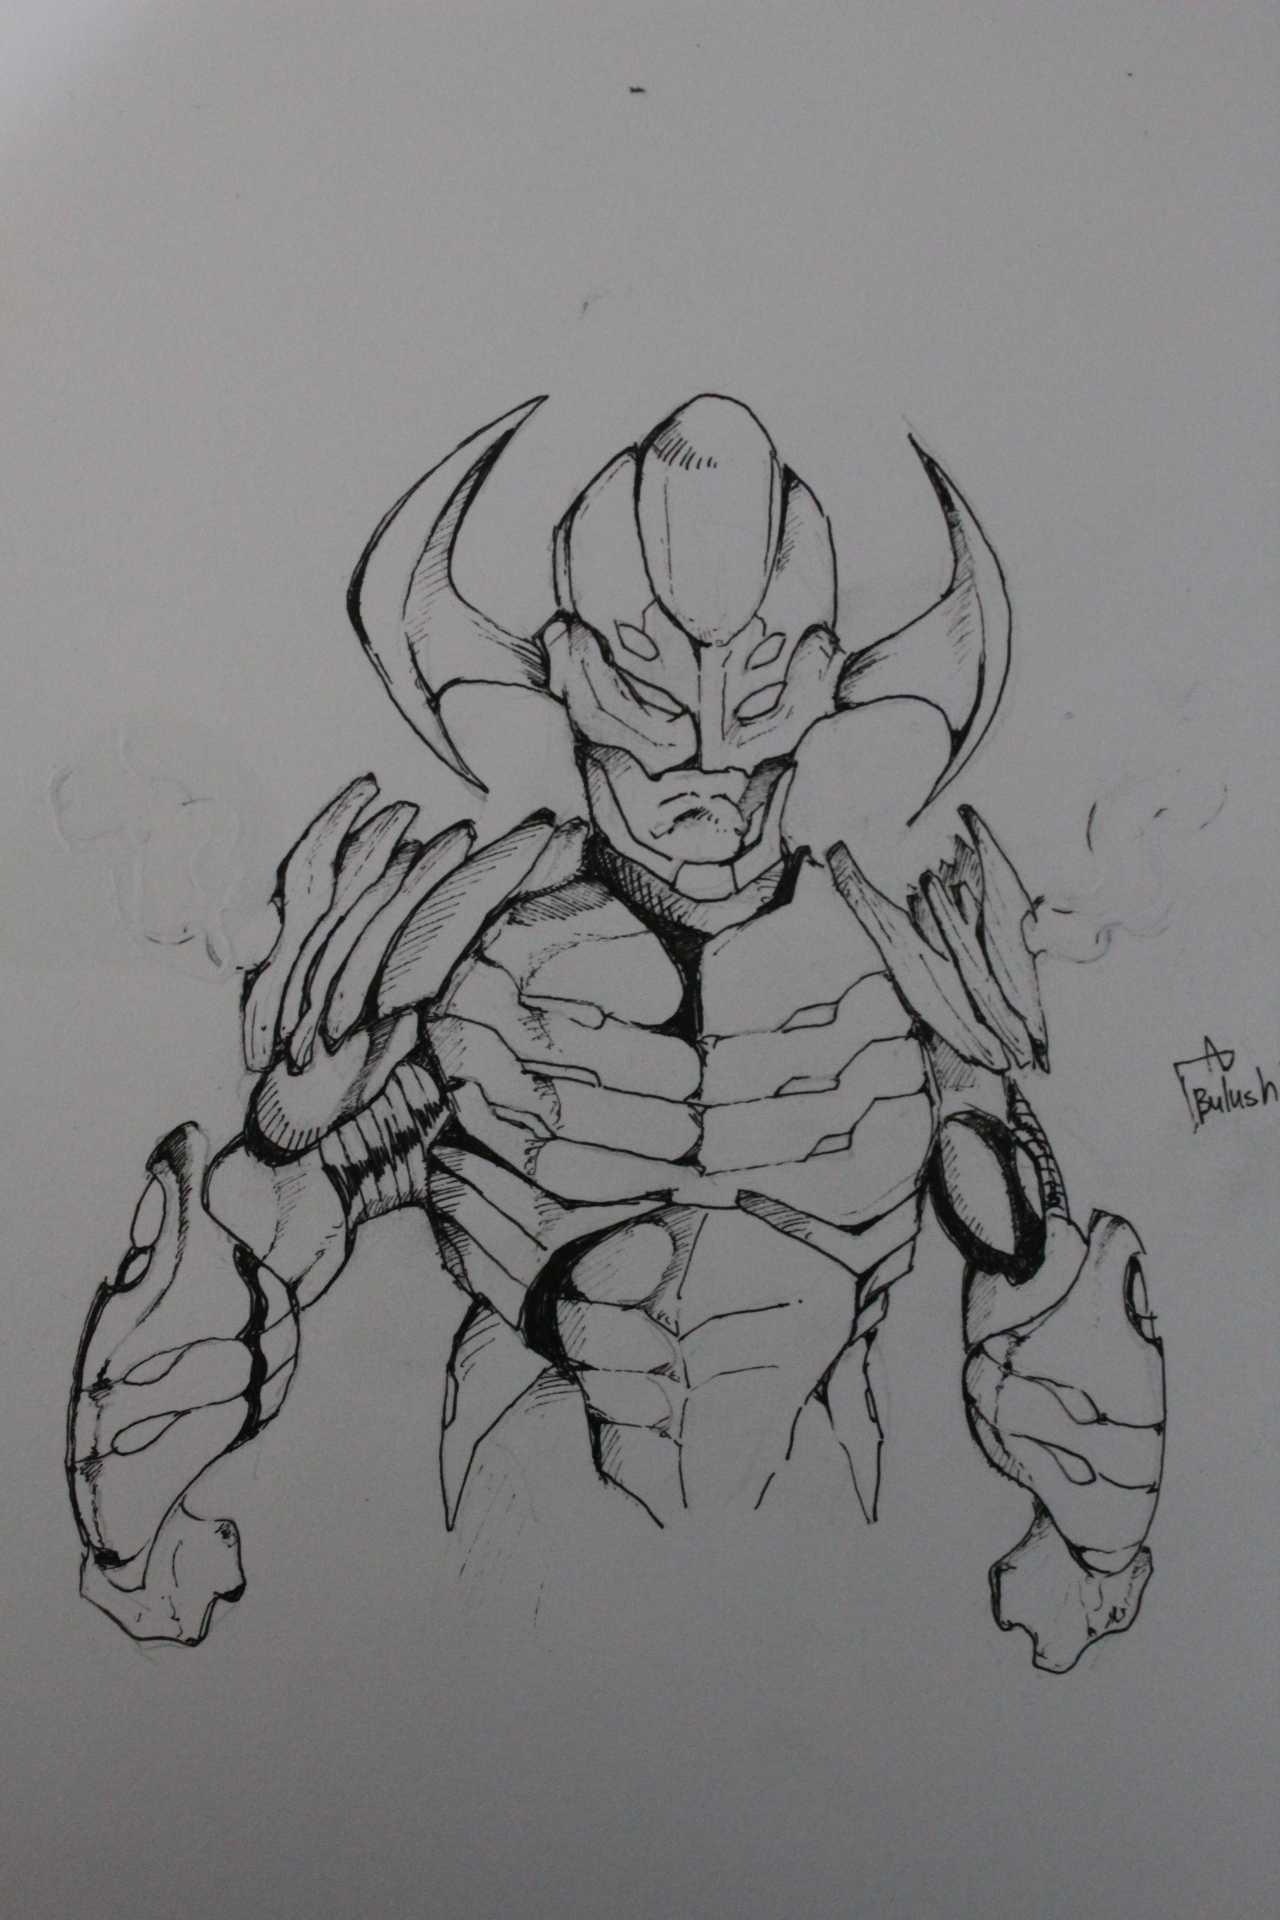 @kingx1 's Galactus +Ultron = Galactron